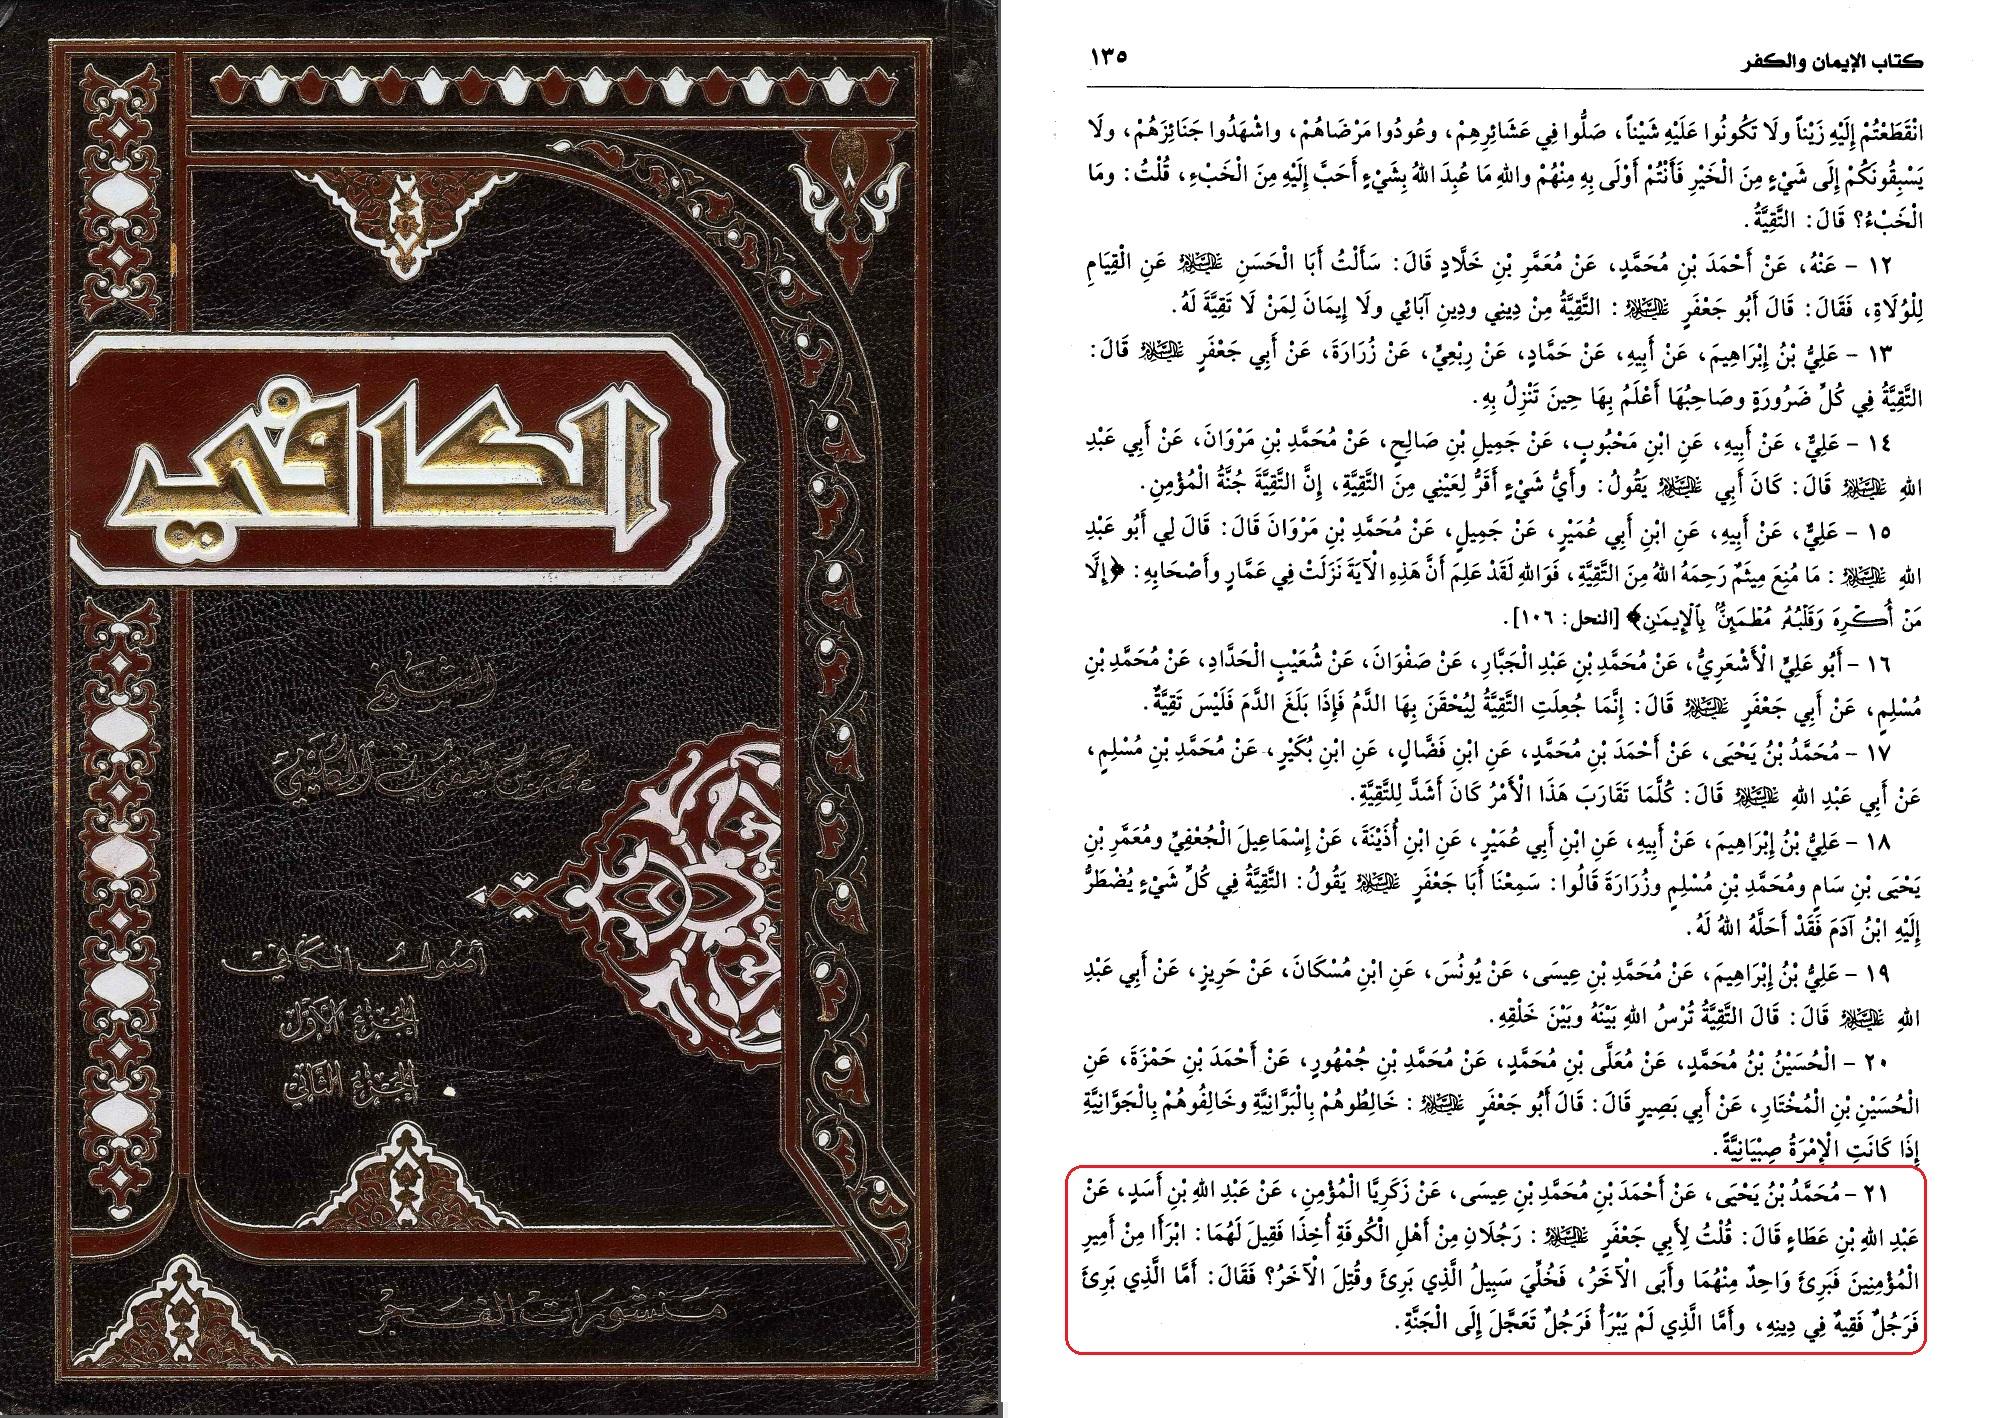 Kafi Dar 3elm-e Din B 2 S 135